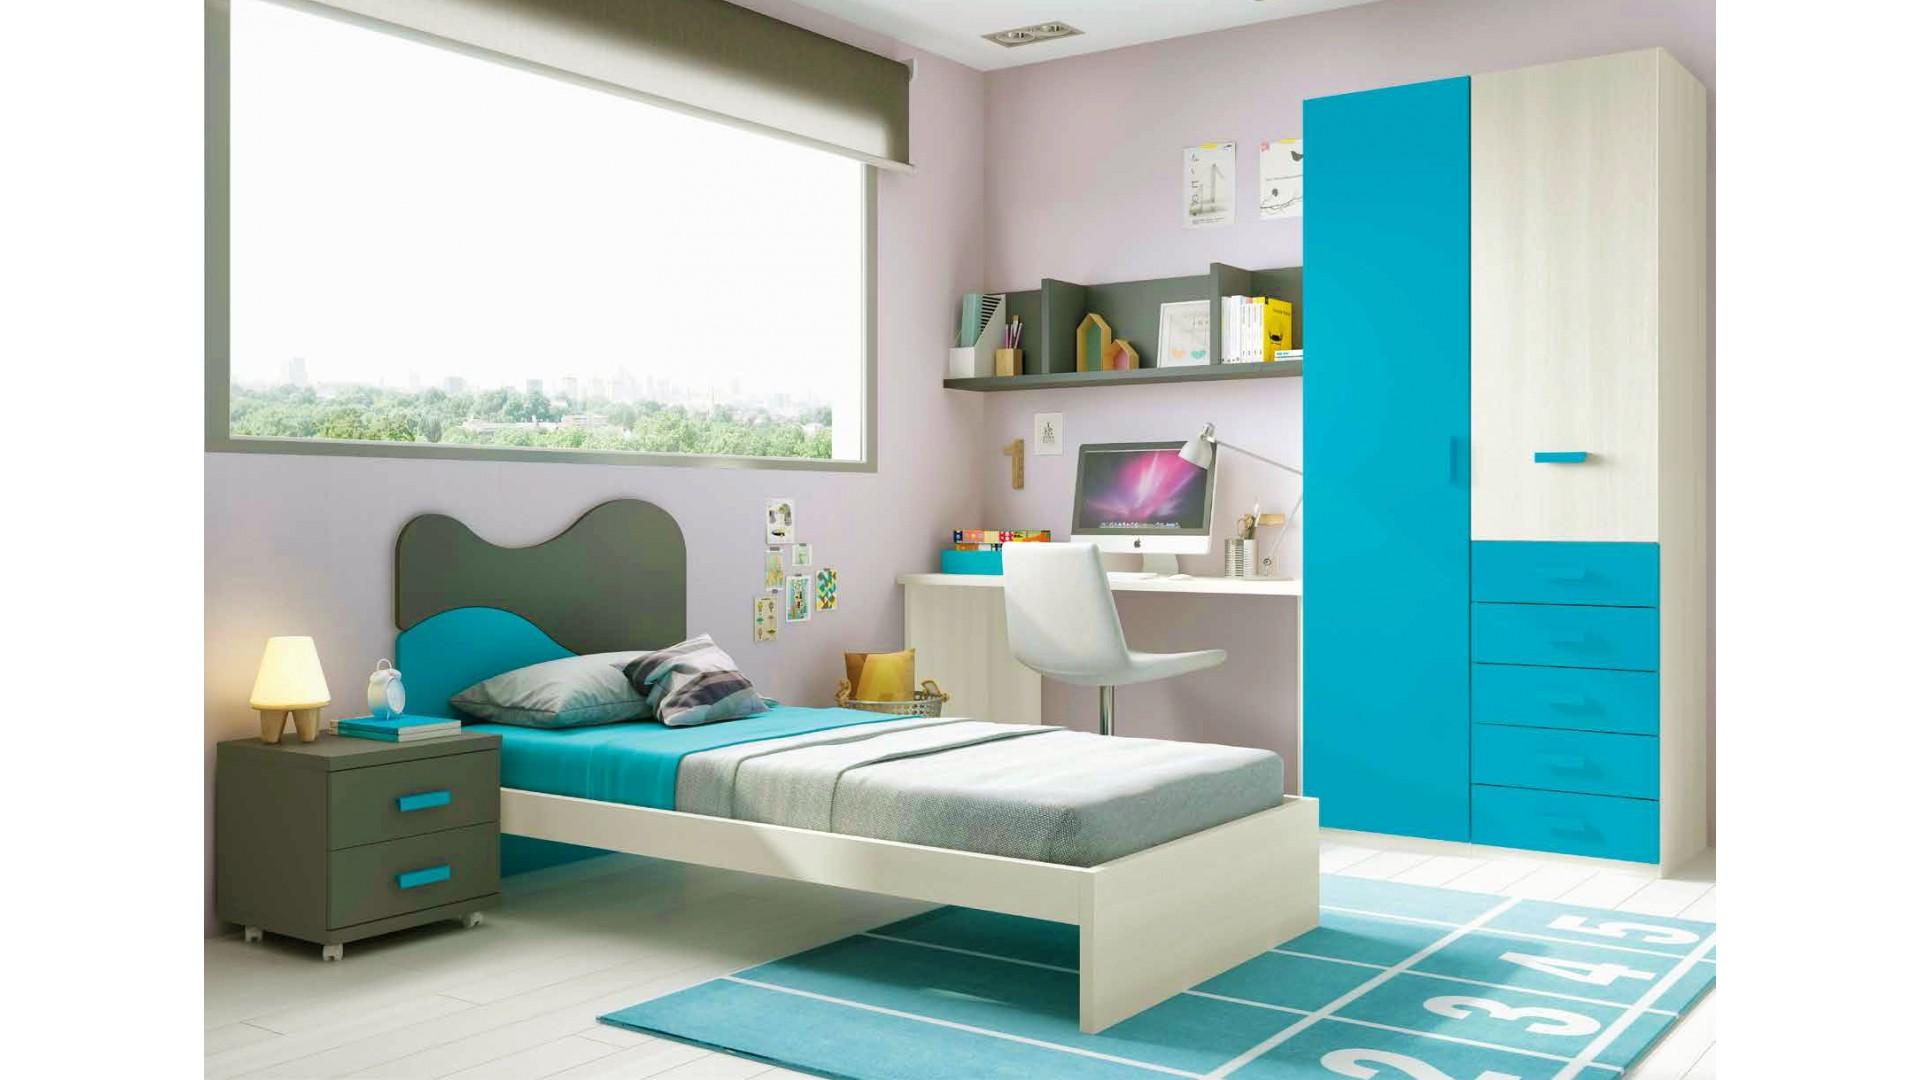 Chambre enfant avec lit 1 personne fun et moderne for Chambre complete 2 personnes